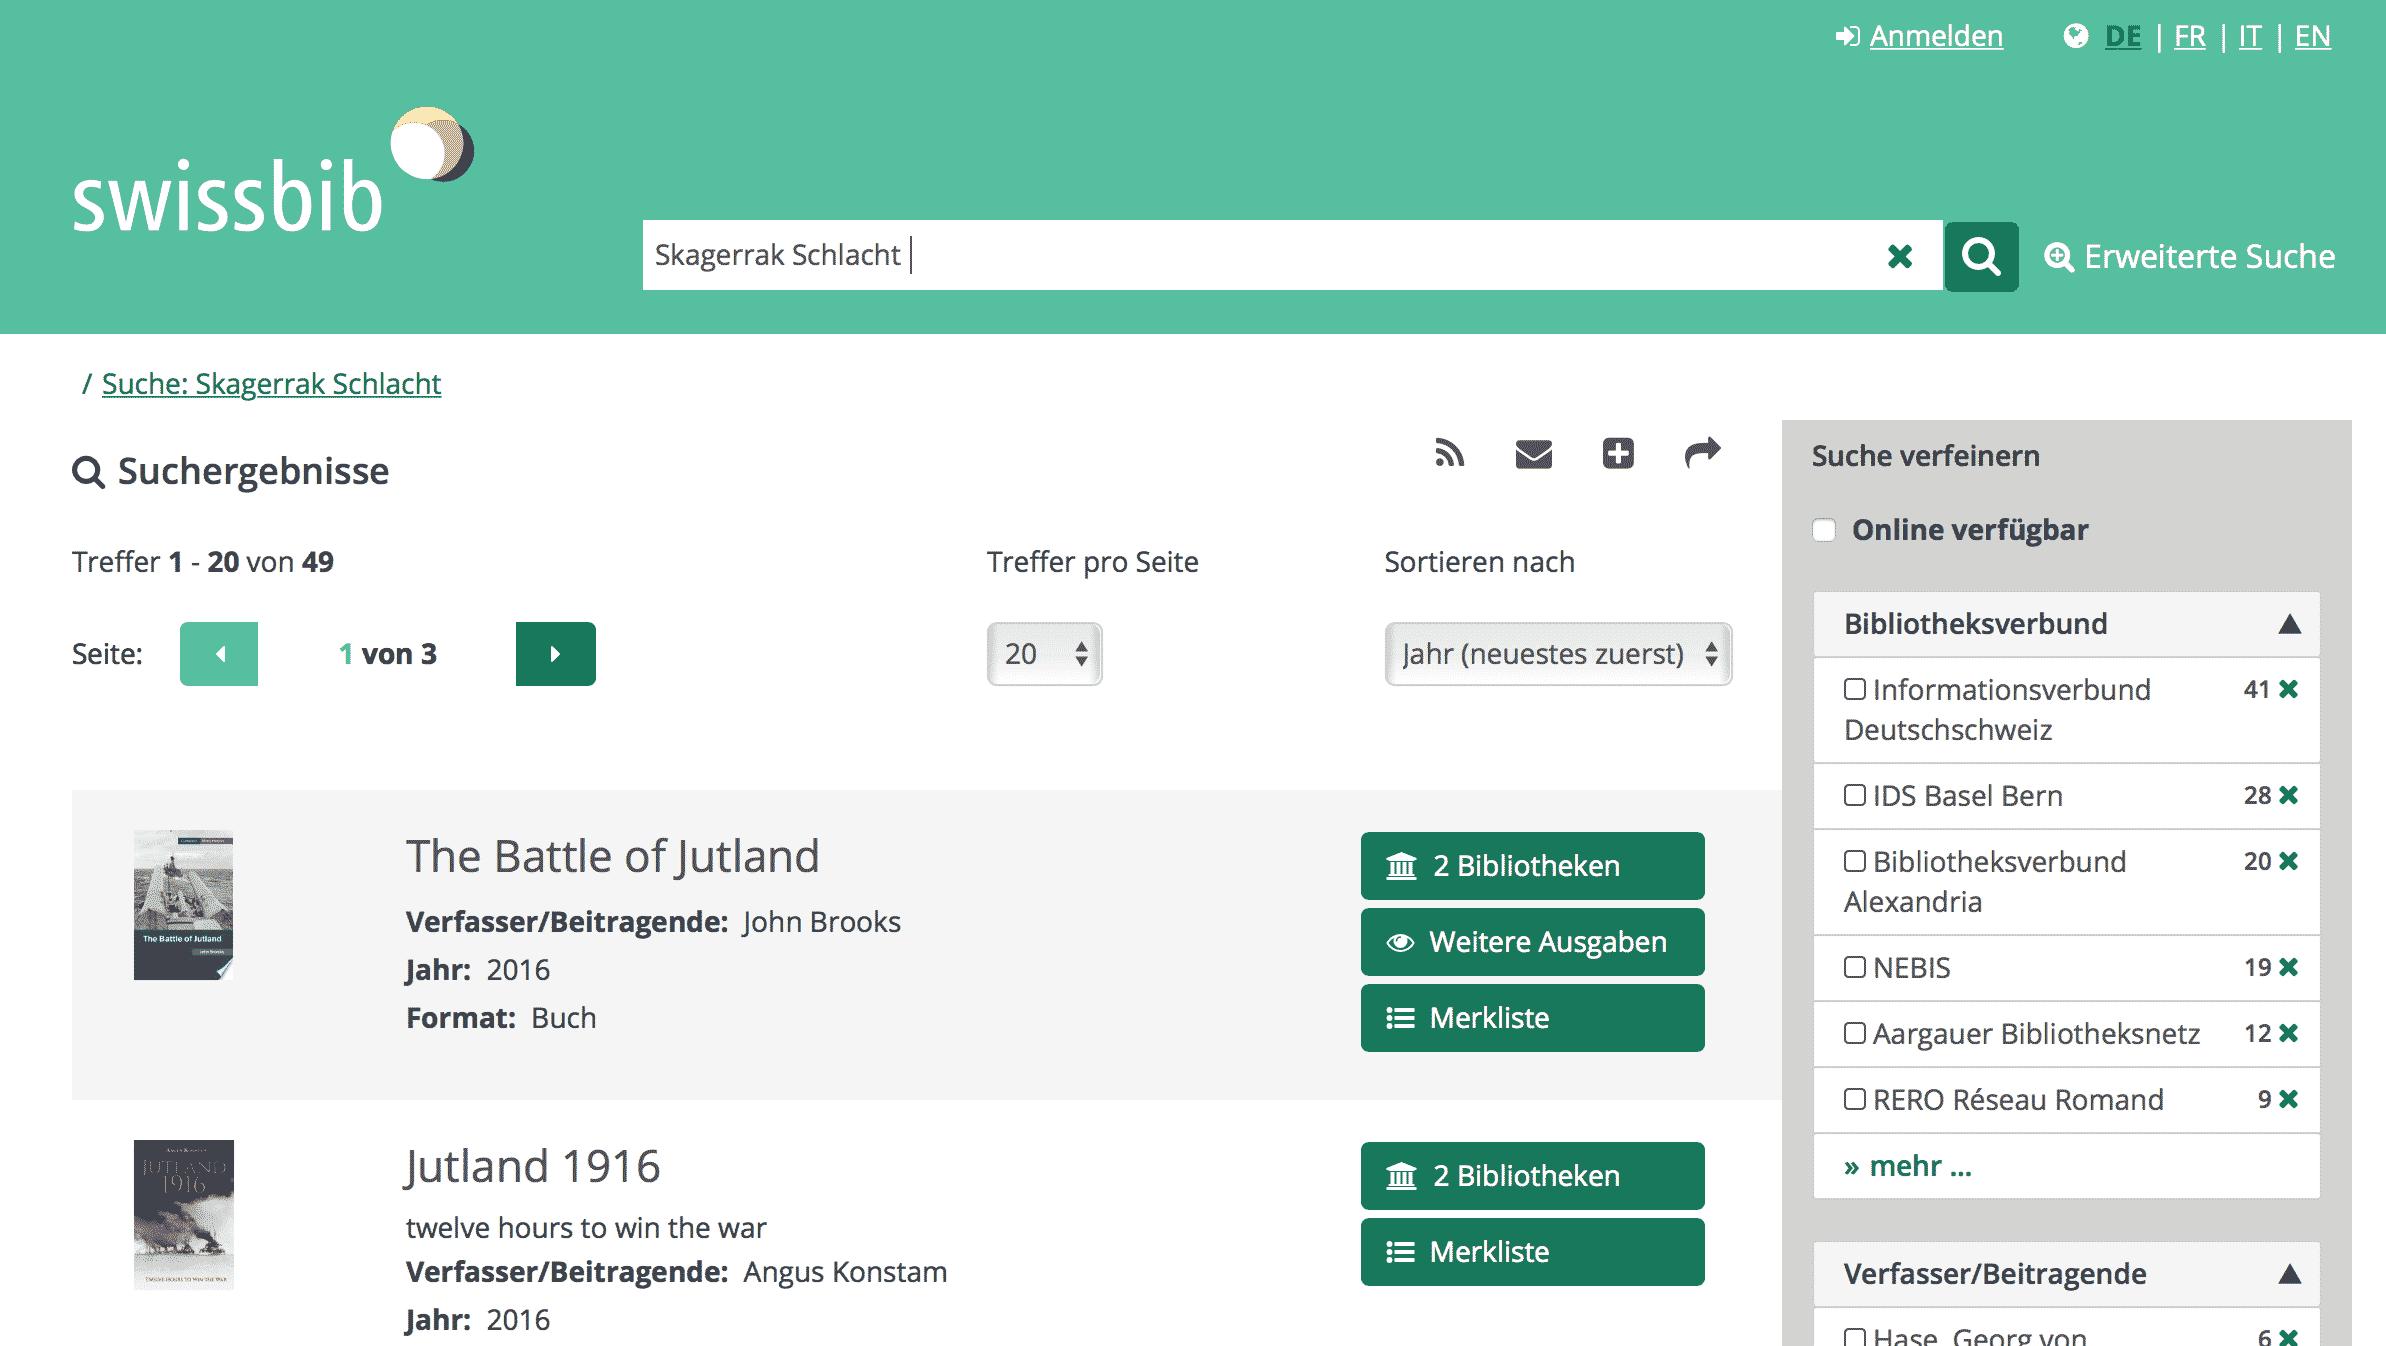 Swissbib-Katalog der wichtigsten Bibliotheken in der Schweiz